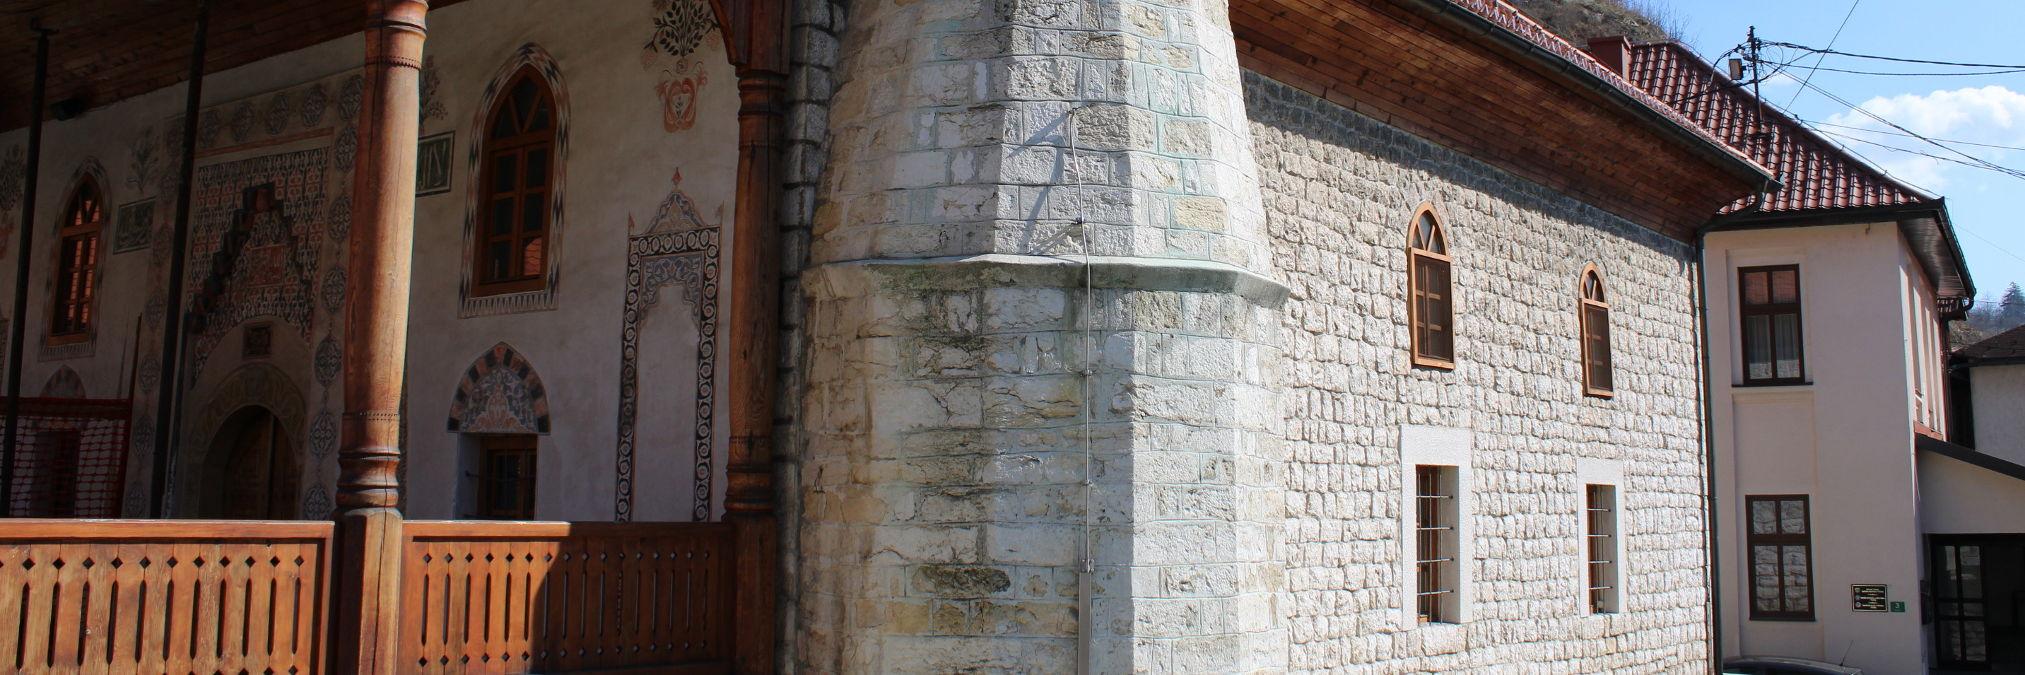 Мечеть Ферхада-бега